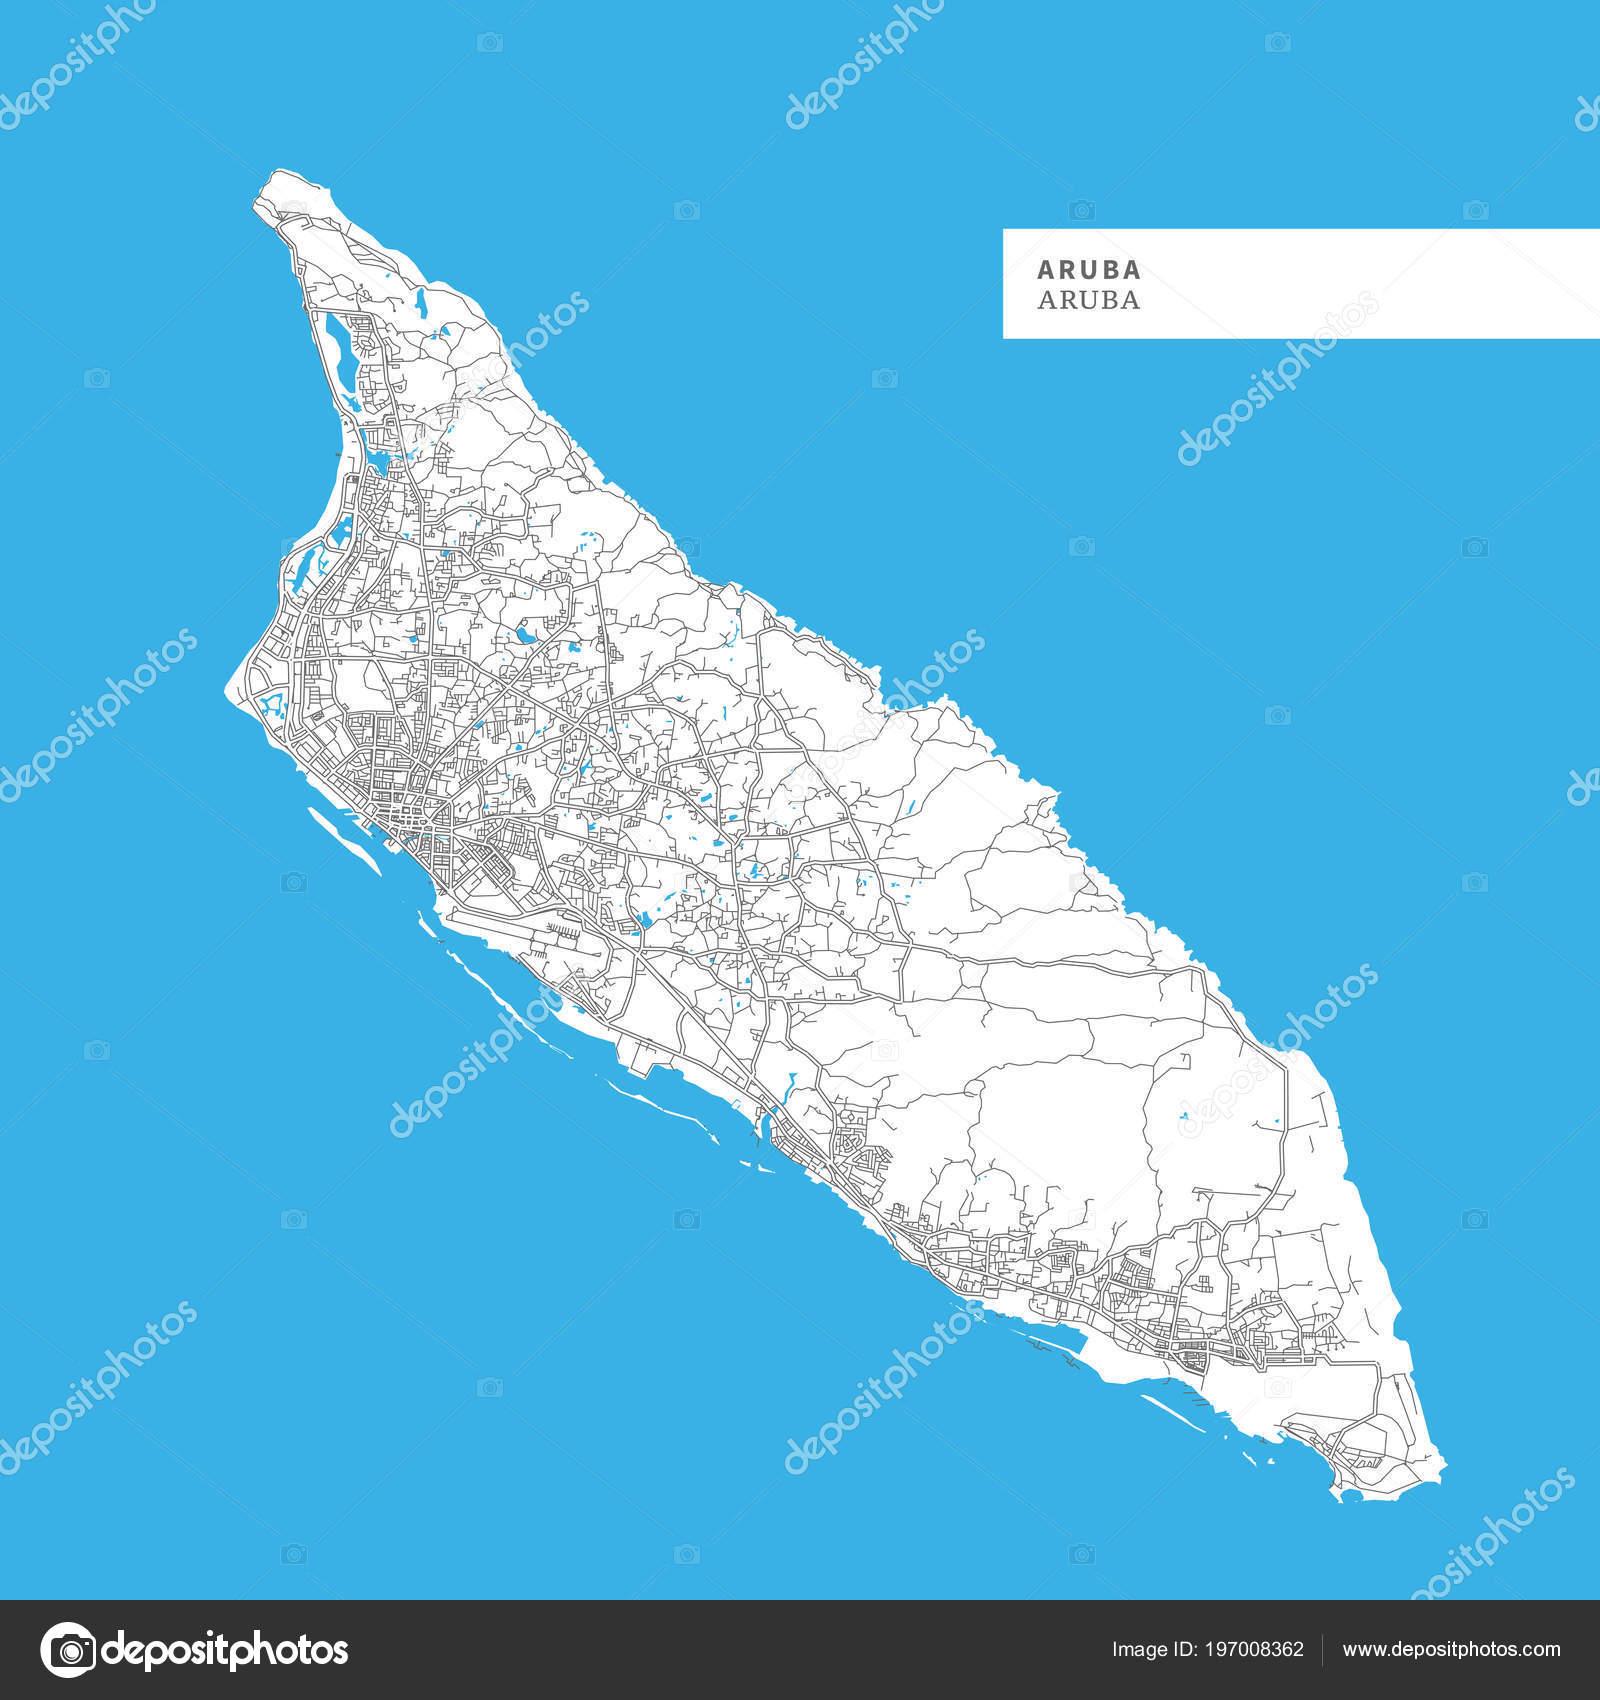 Karte Der Insel Aruba Aruba Enthält Geographie Umrisse Für ...